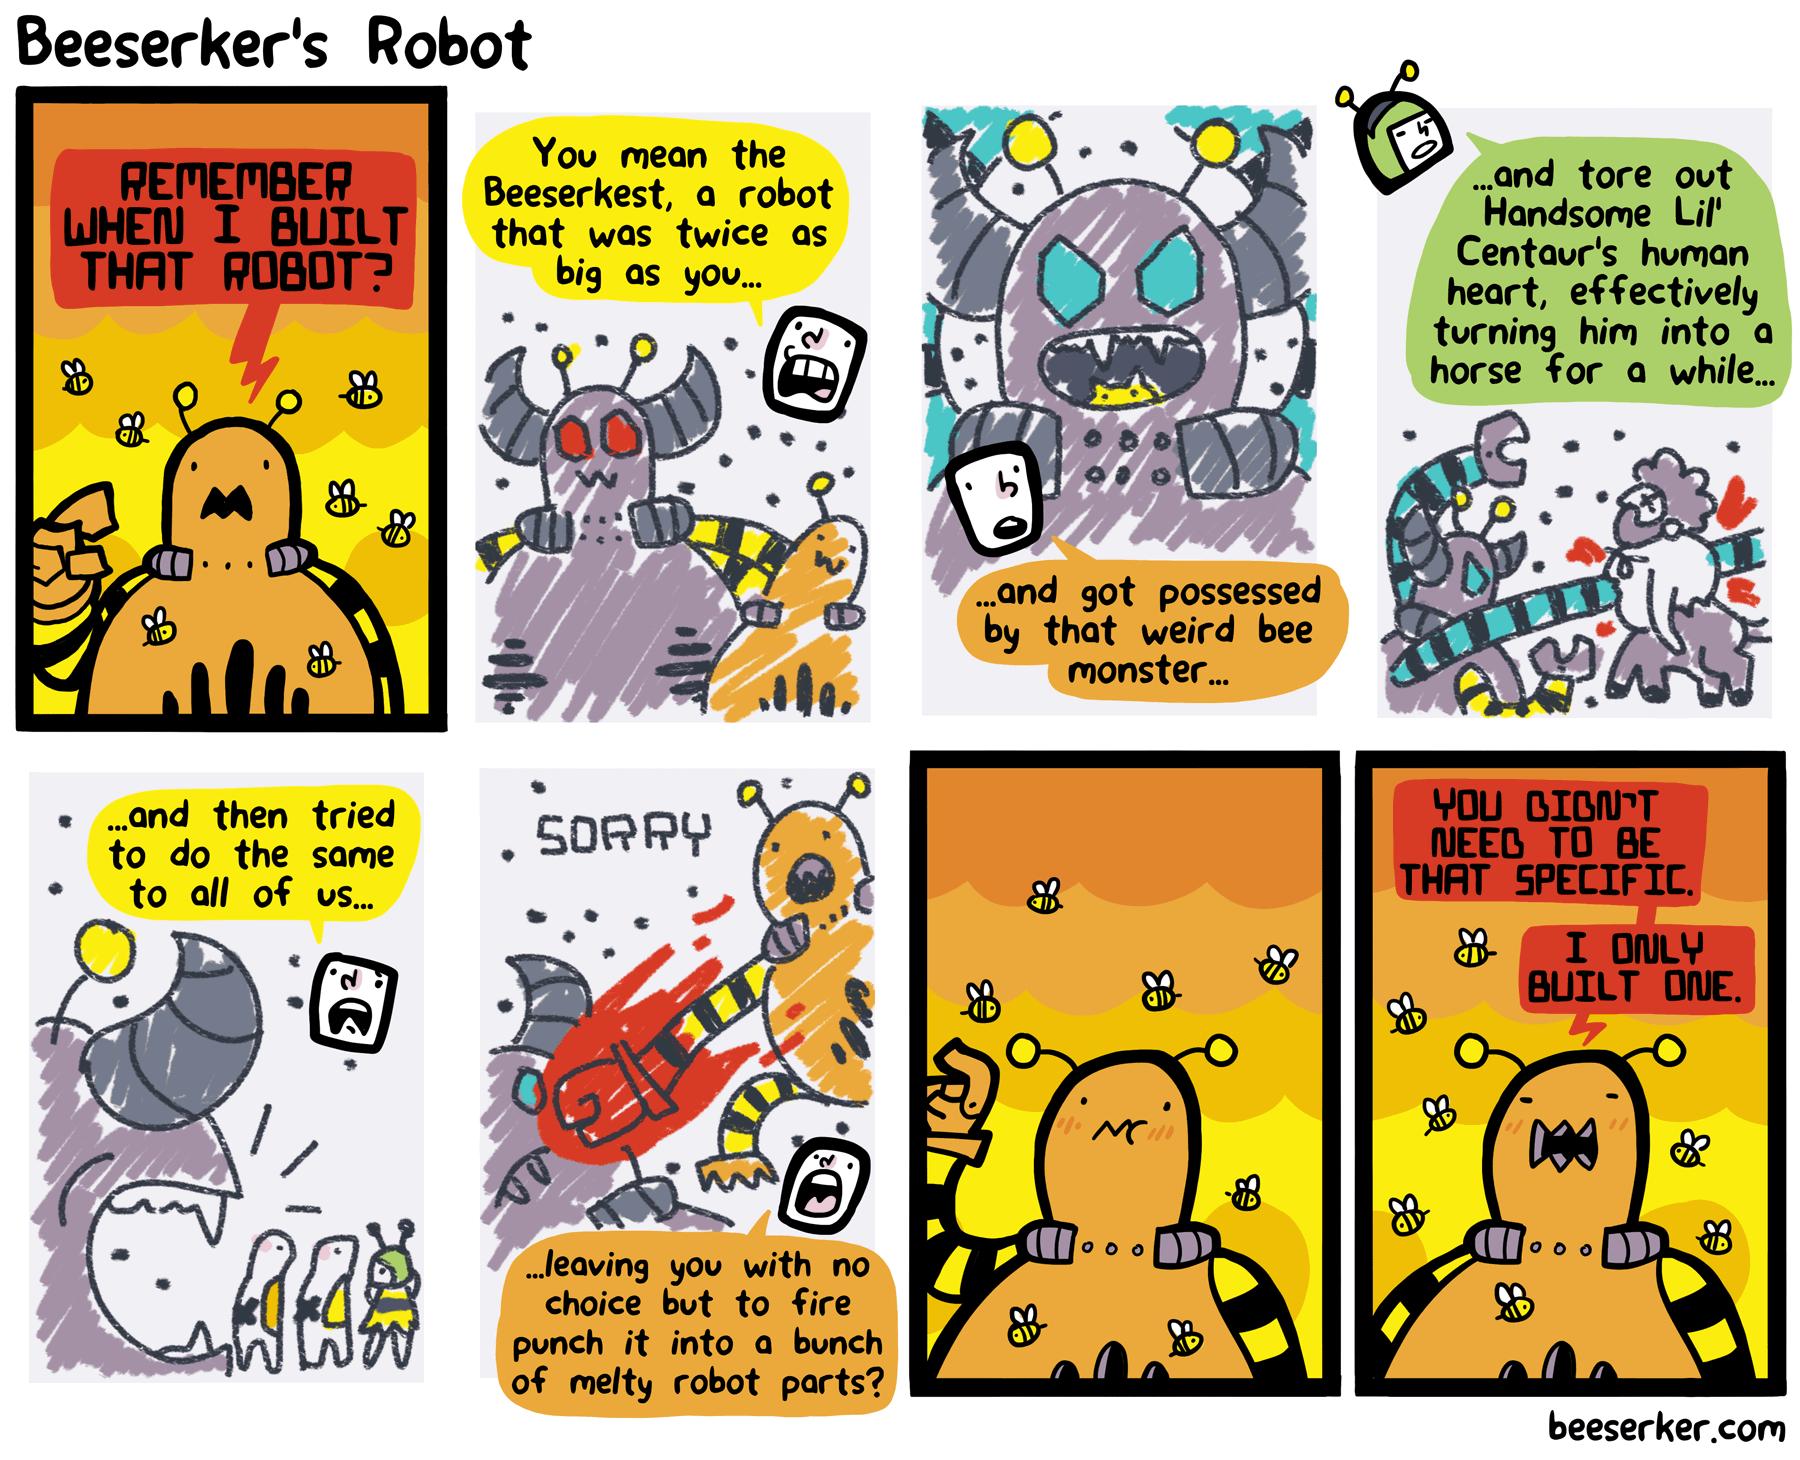 Beeserker's Robot